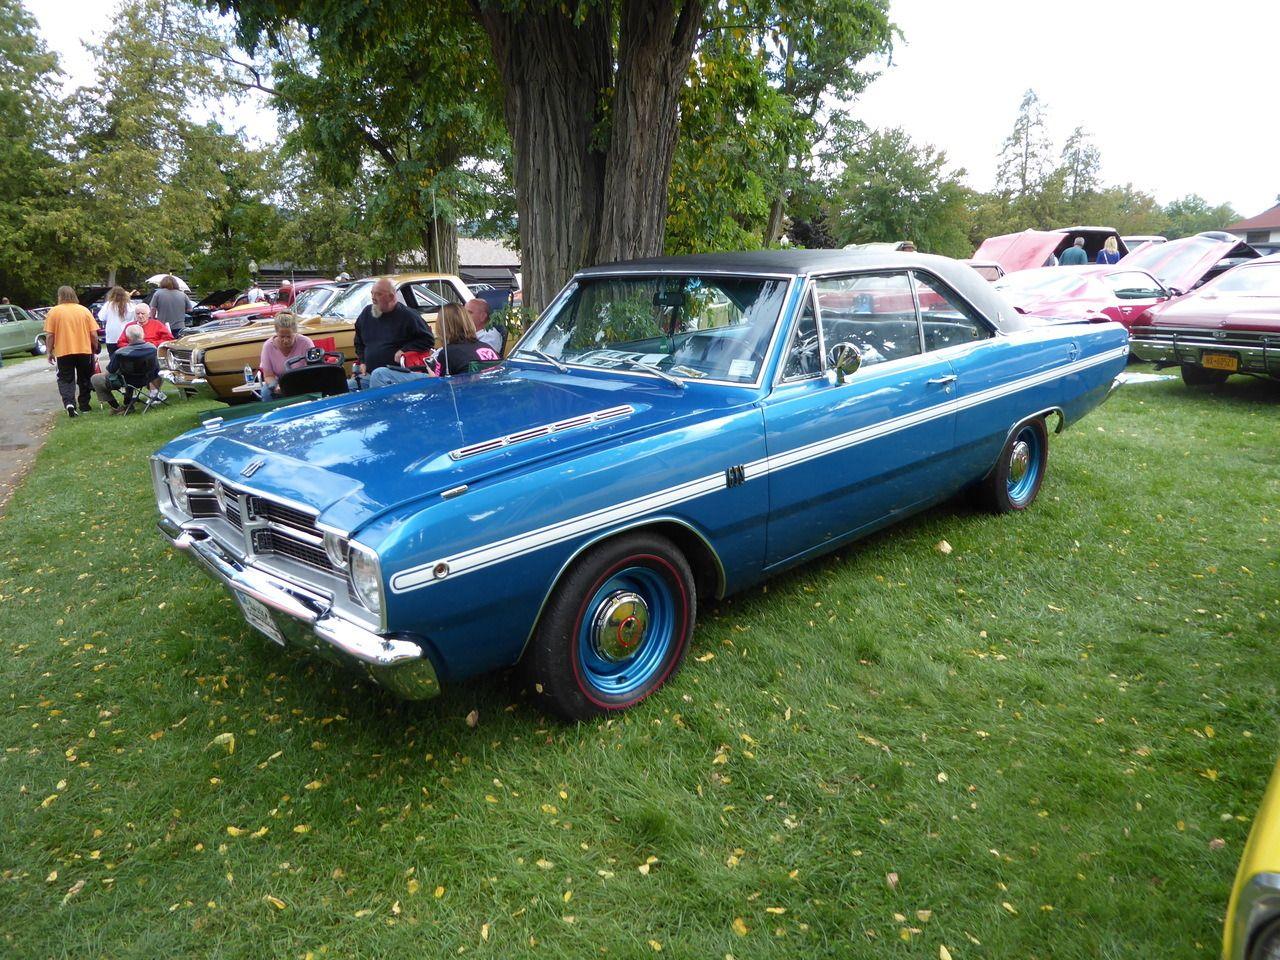 68 Dart Gts Mopar American Muscle Cars Mopar Muscle